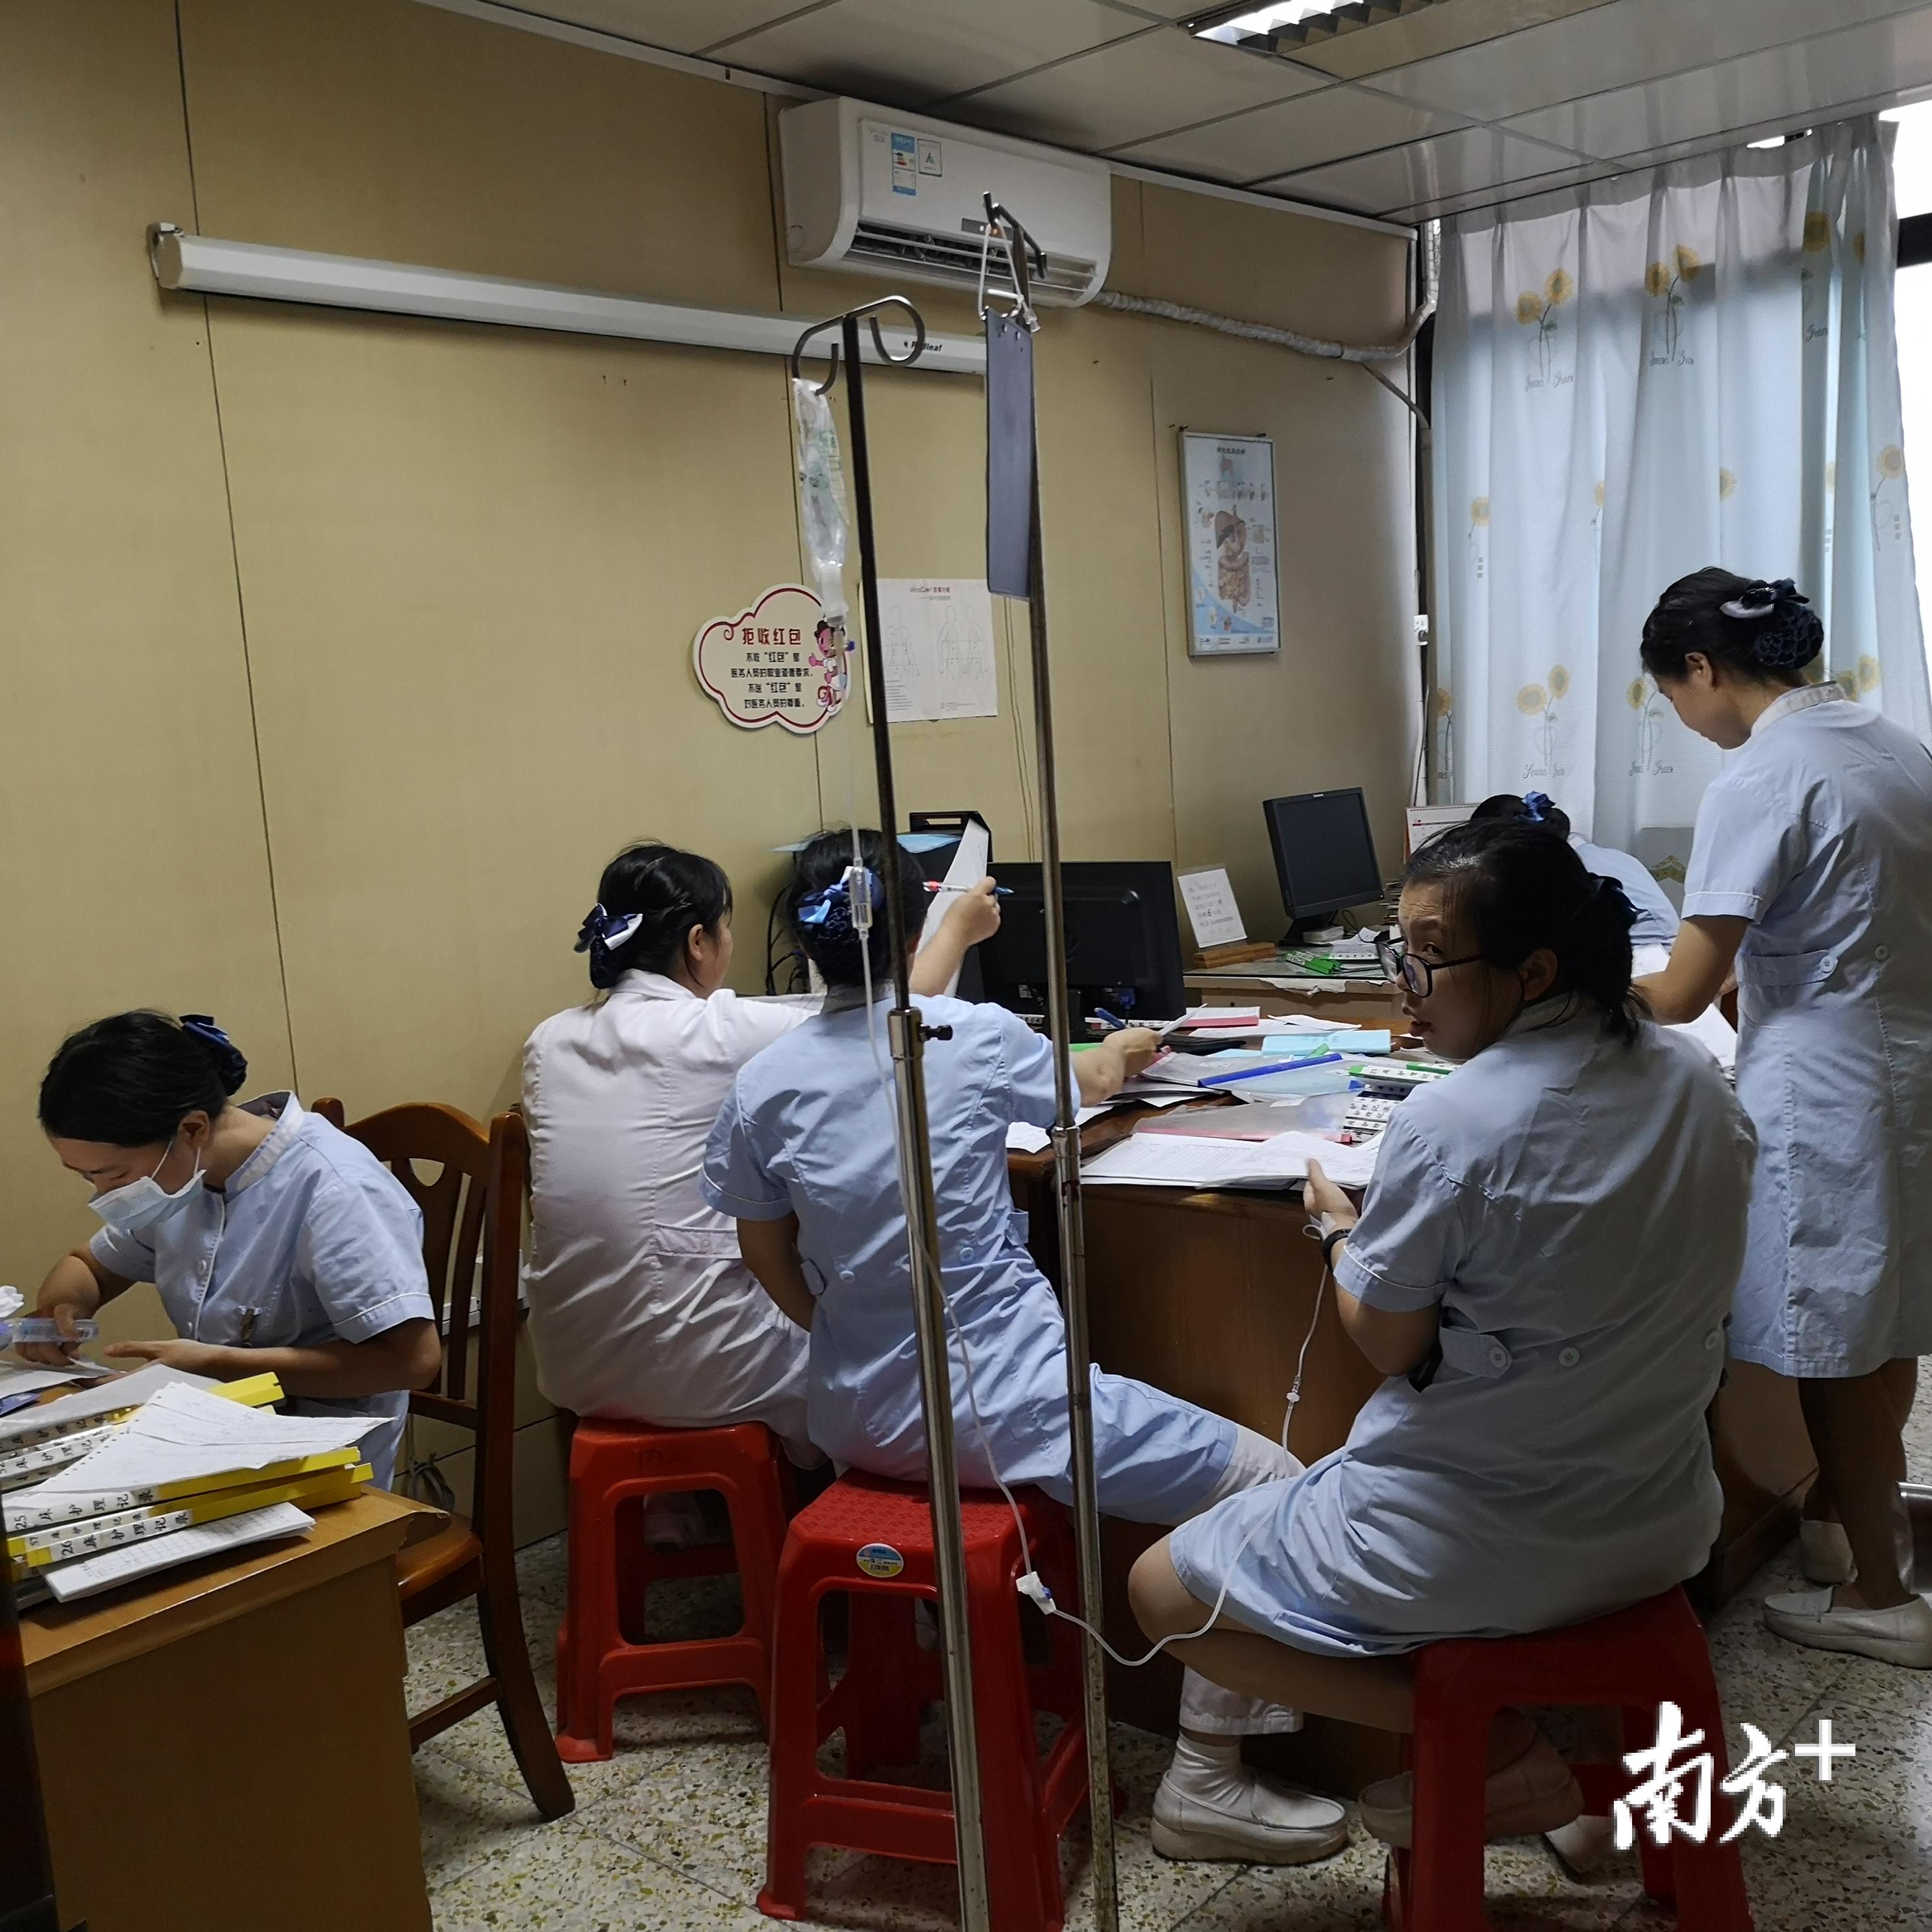 内二科护士廖秀雯左手打着点滴,右手则在书写着护理记录,此前她已连轴工作了12个小时。通讯员供图